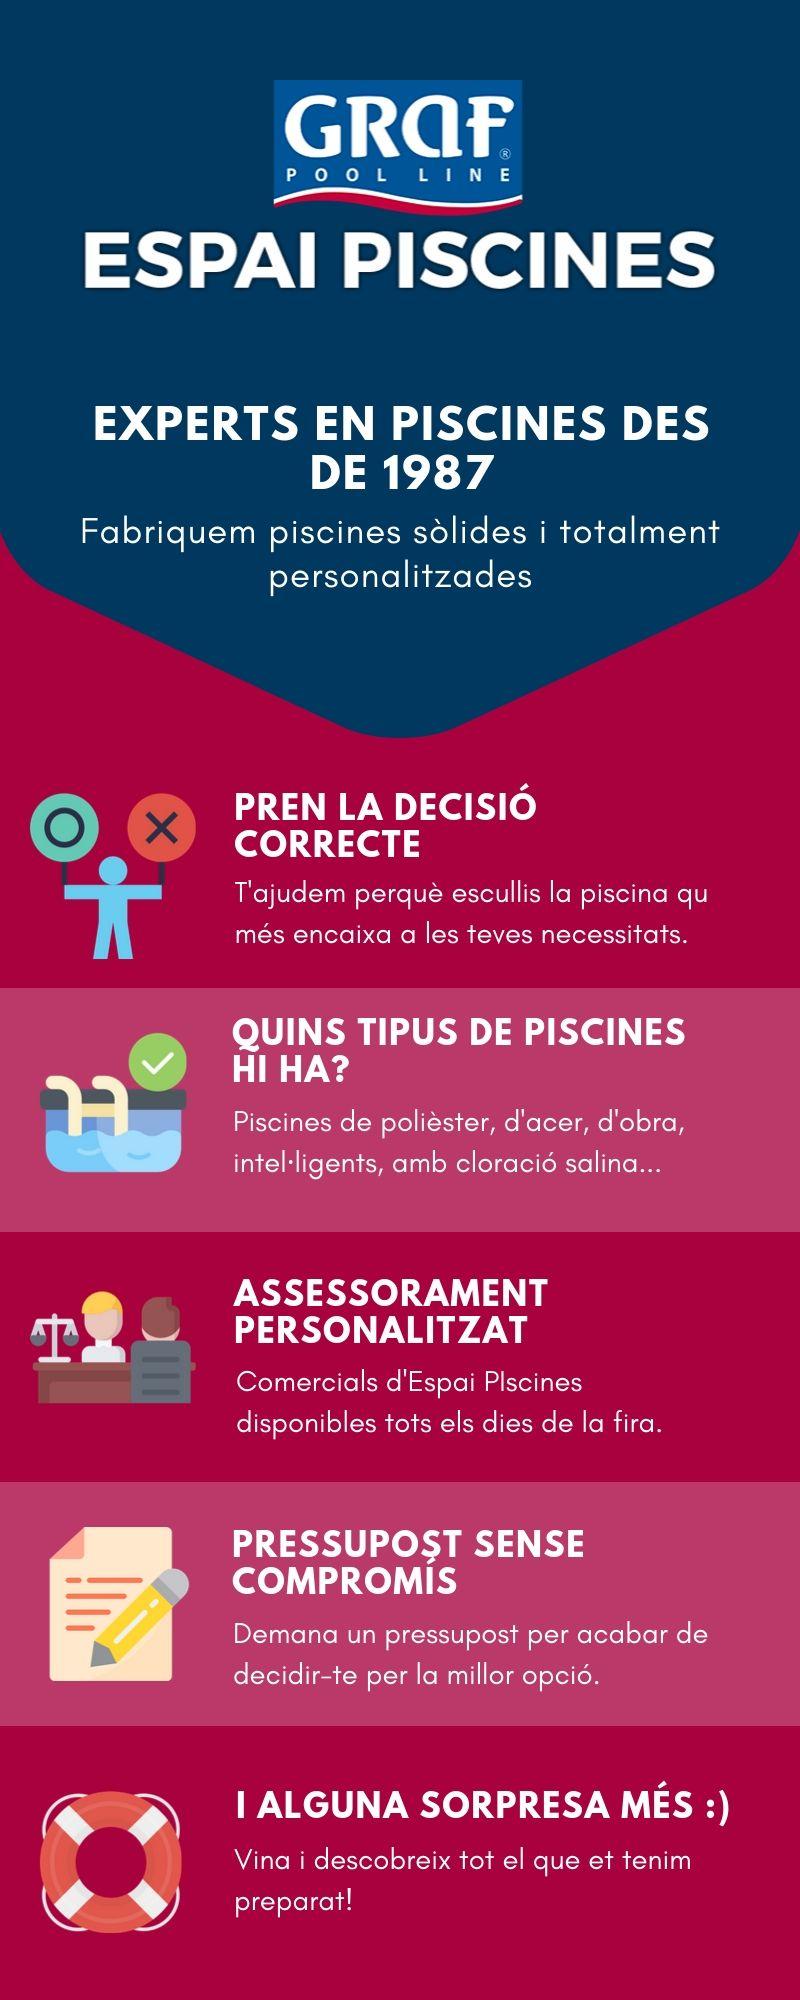 infografia-espai-piscines-grf-fira-girona-2019